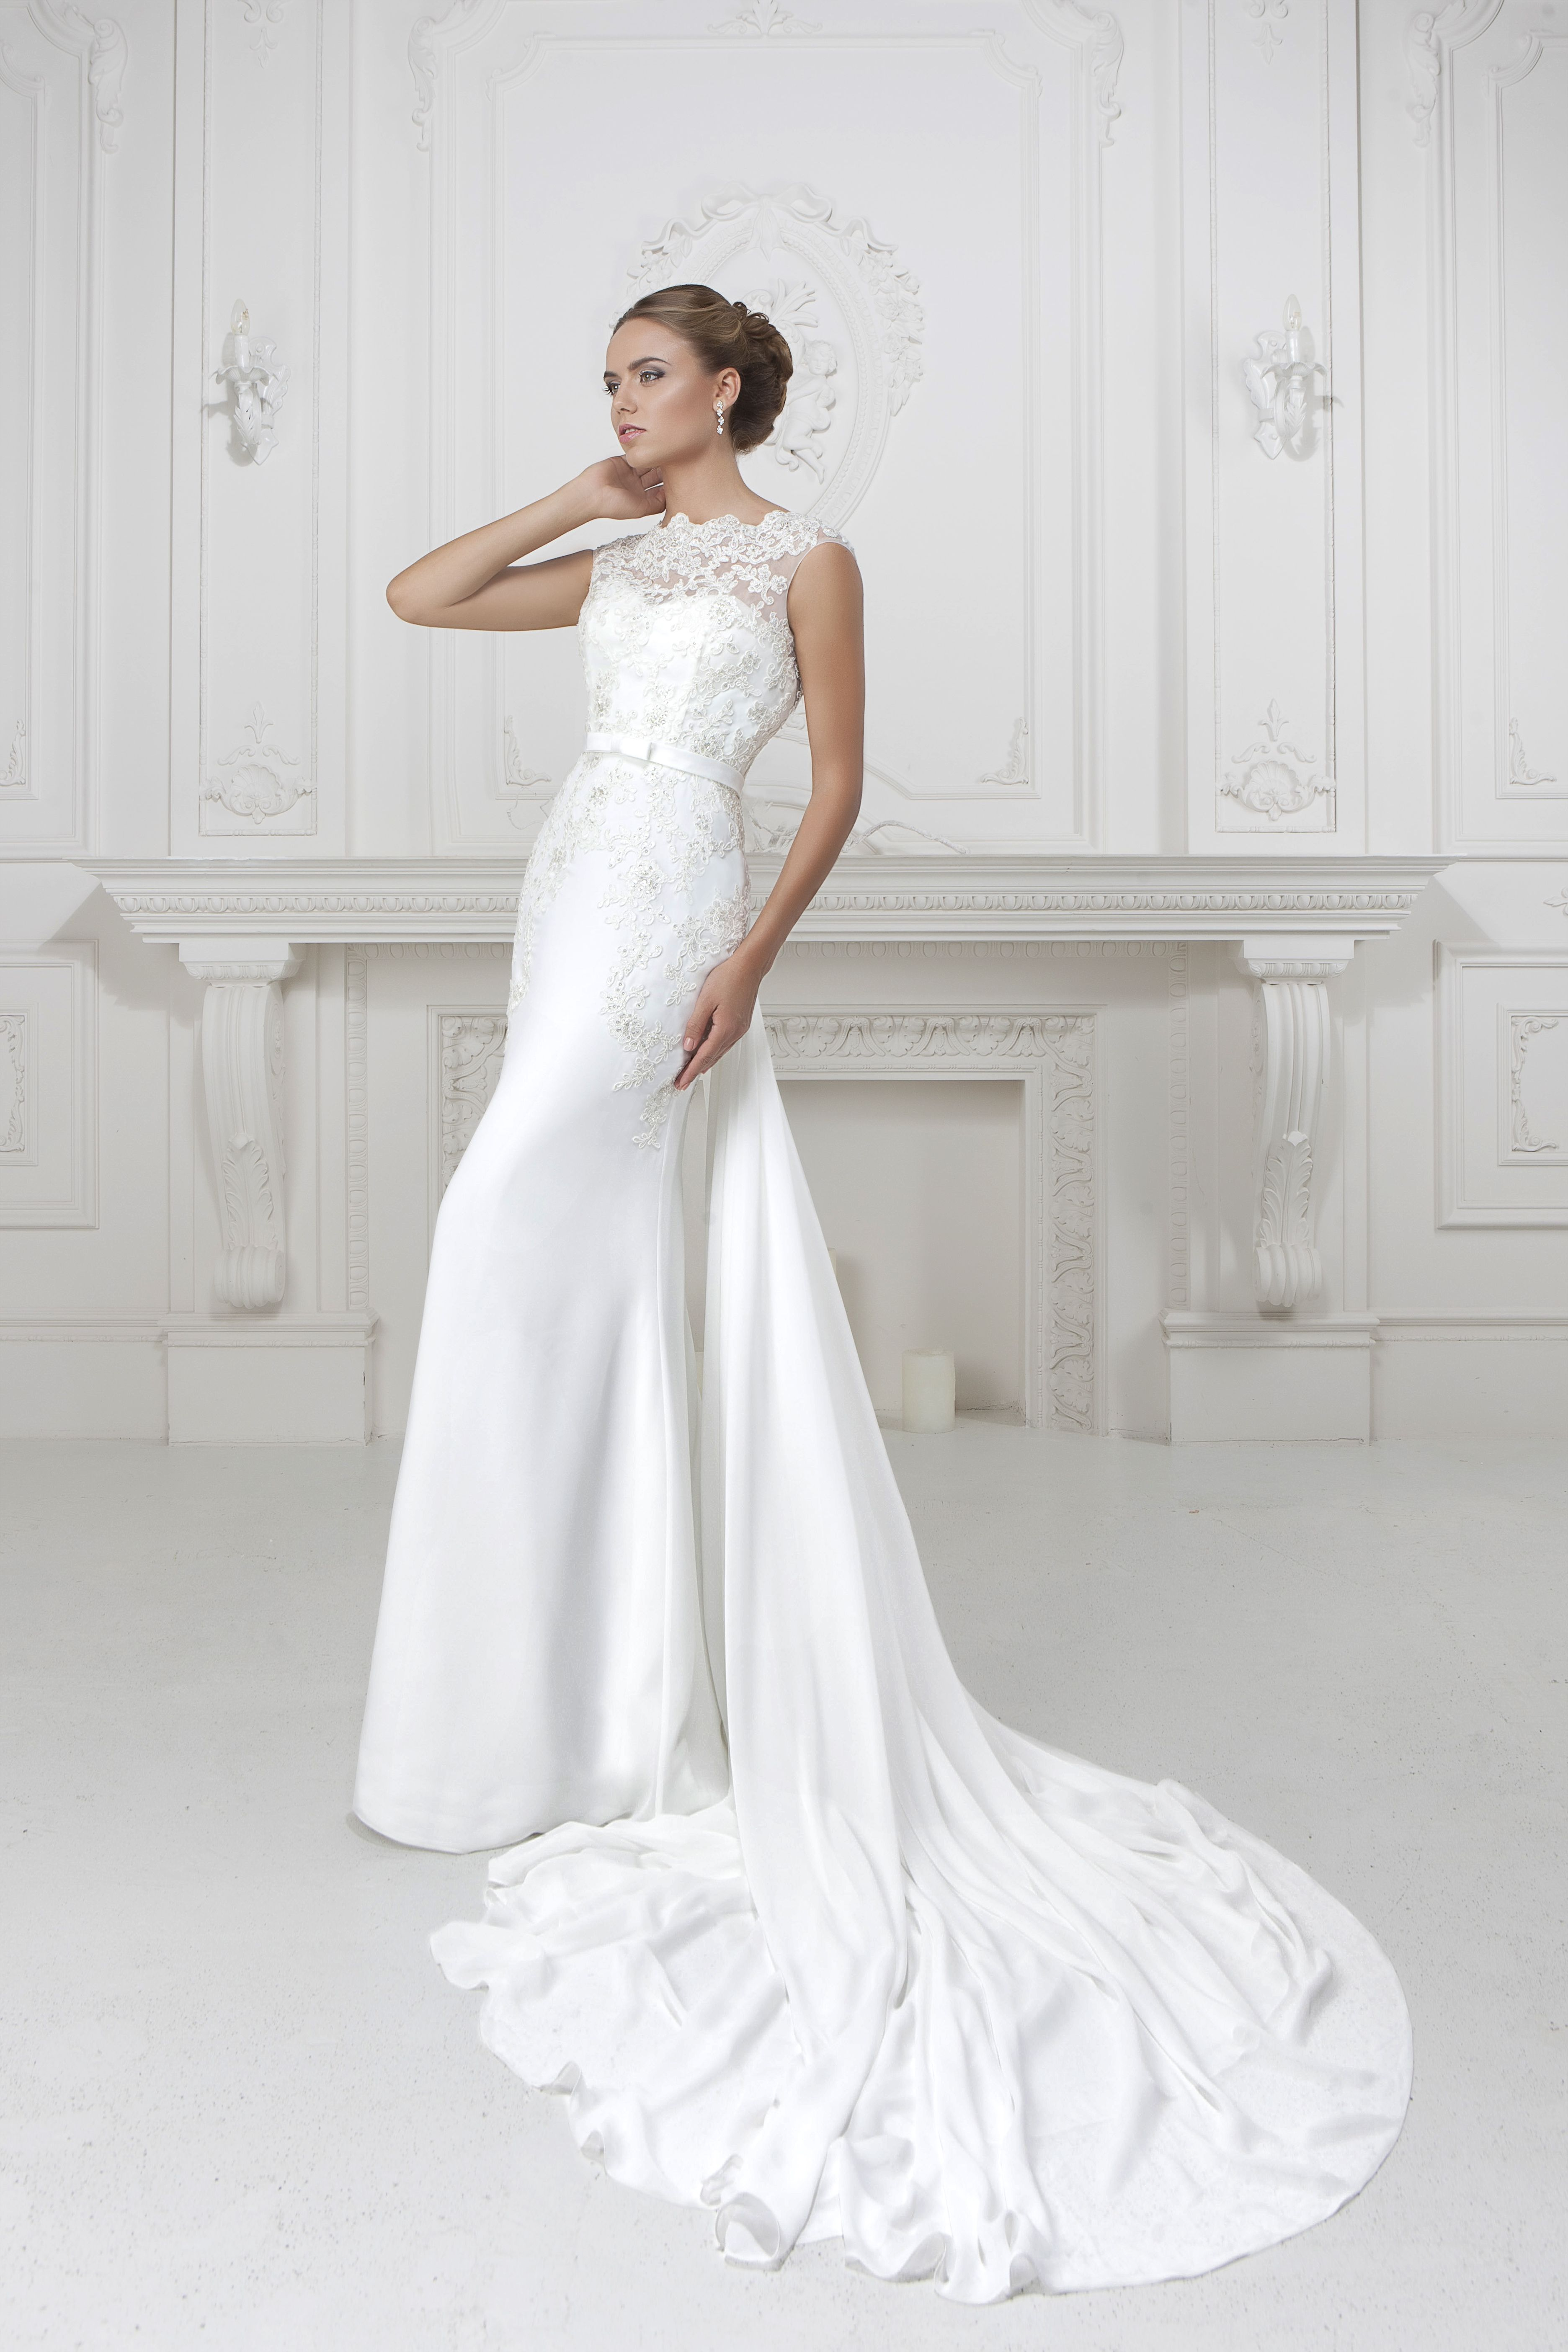 So perfect. I am speechless. lenovia.co.uk # wedding # dress ...